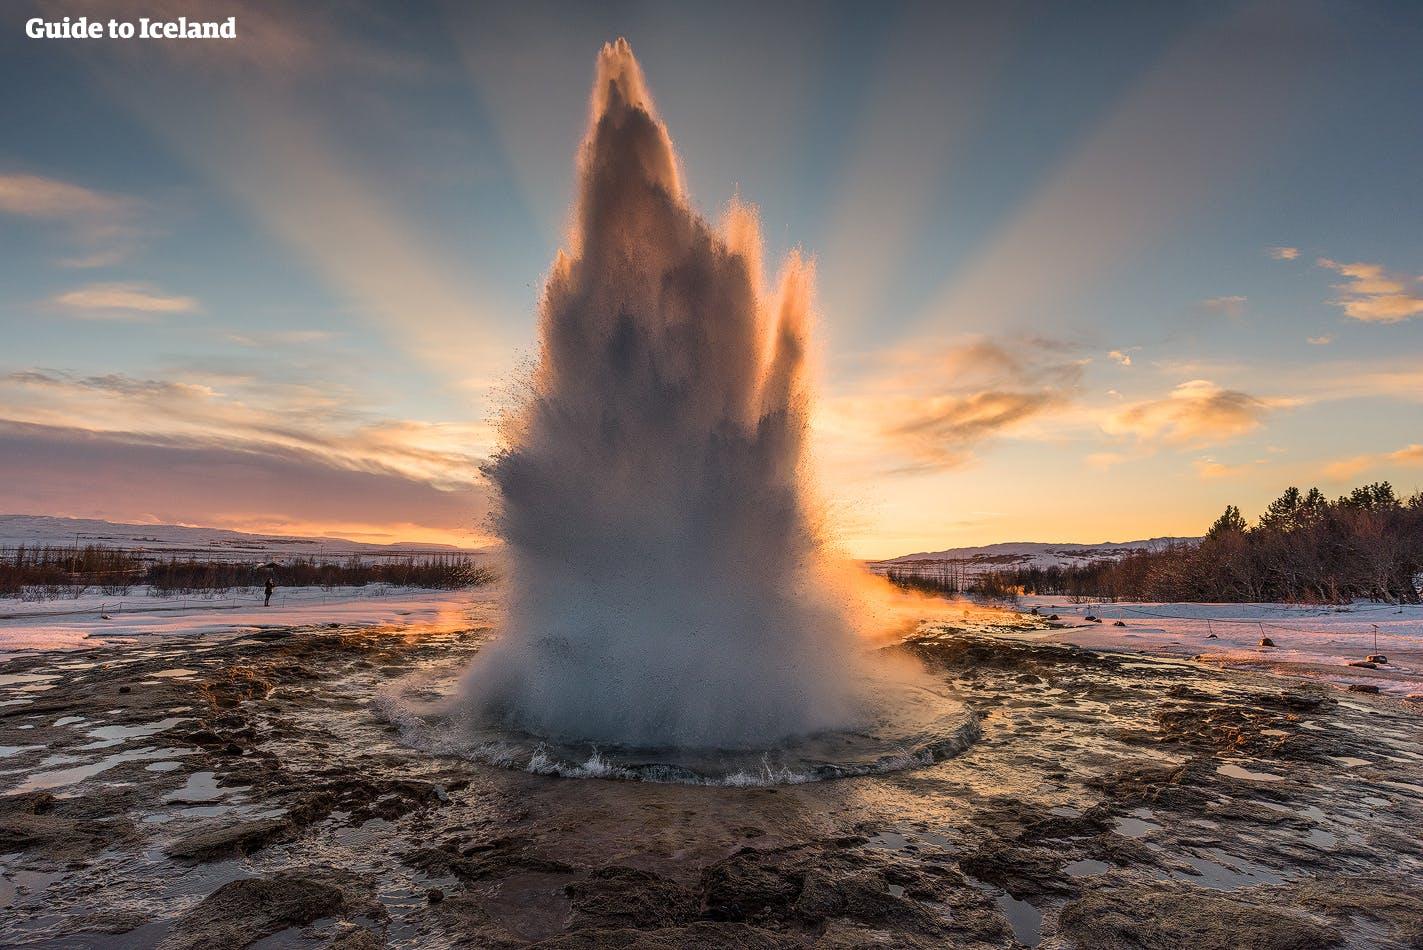 一束阳光打在了冰岛黄金圈盖歇尔间歇泉地热区(Geysir)Strokkur史托克间歇泉之上